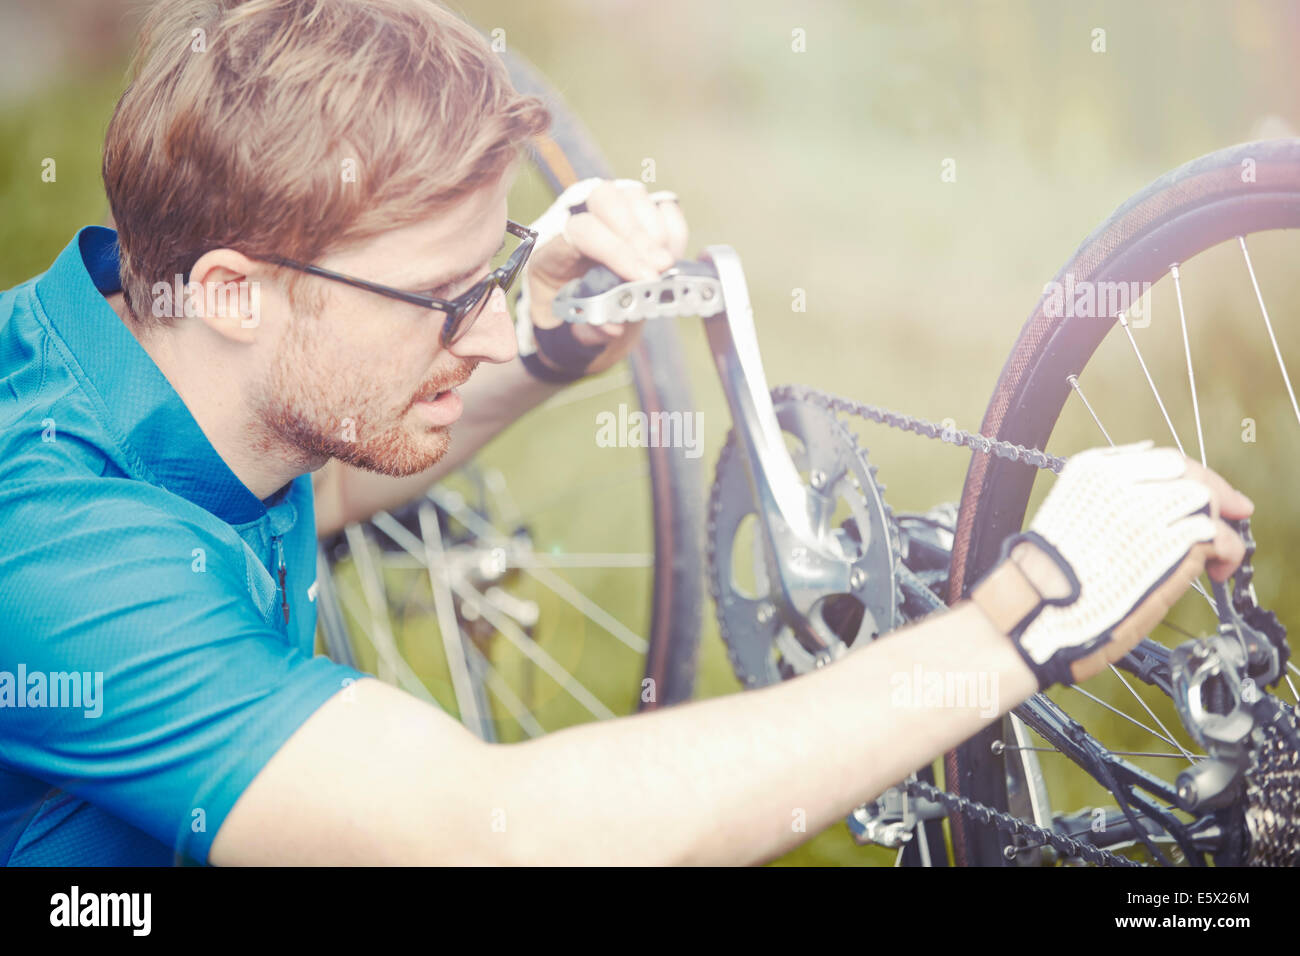 Ciclista reparando cadena de bicicleta Imagen De Stock